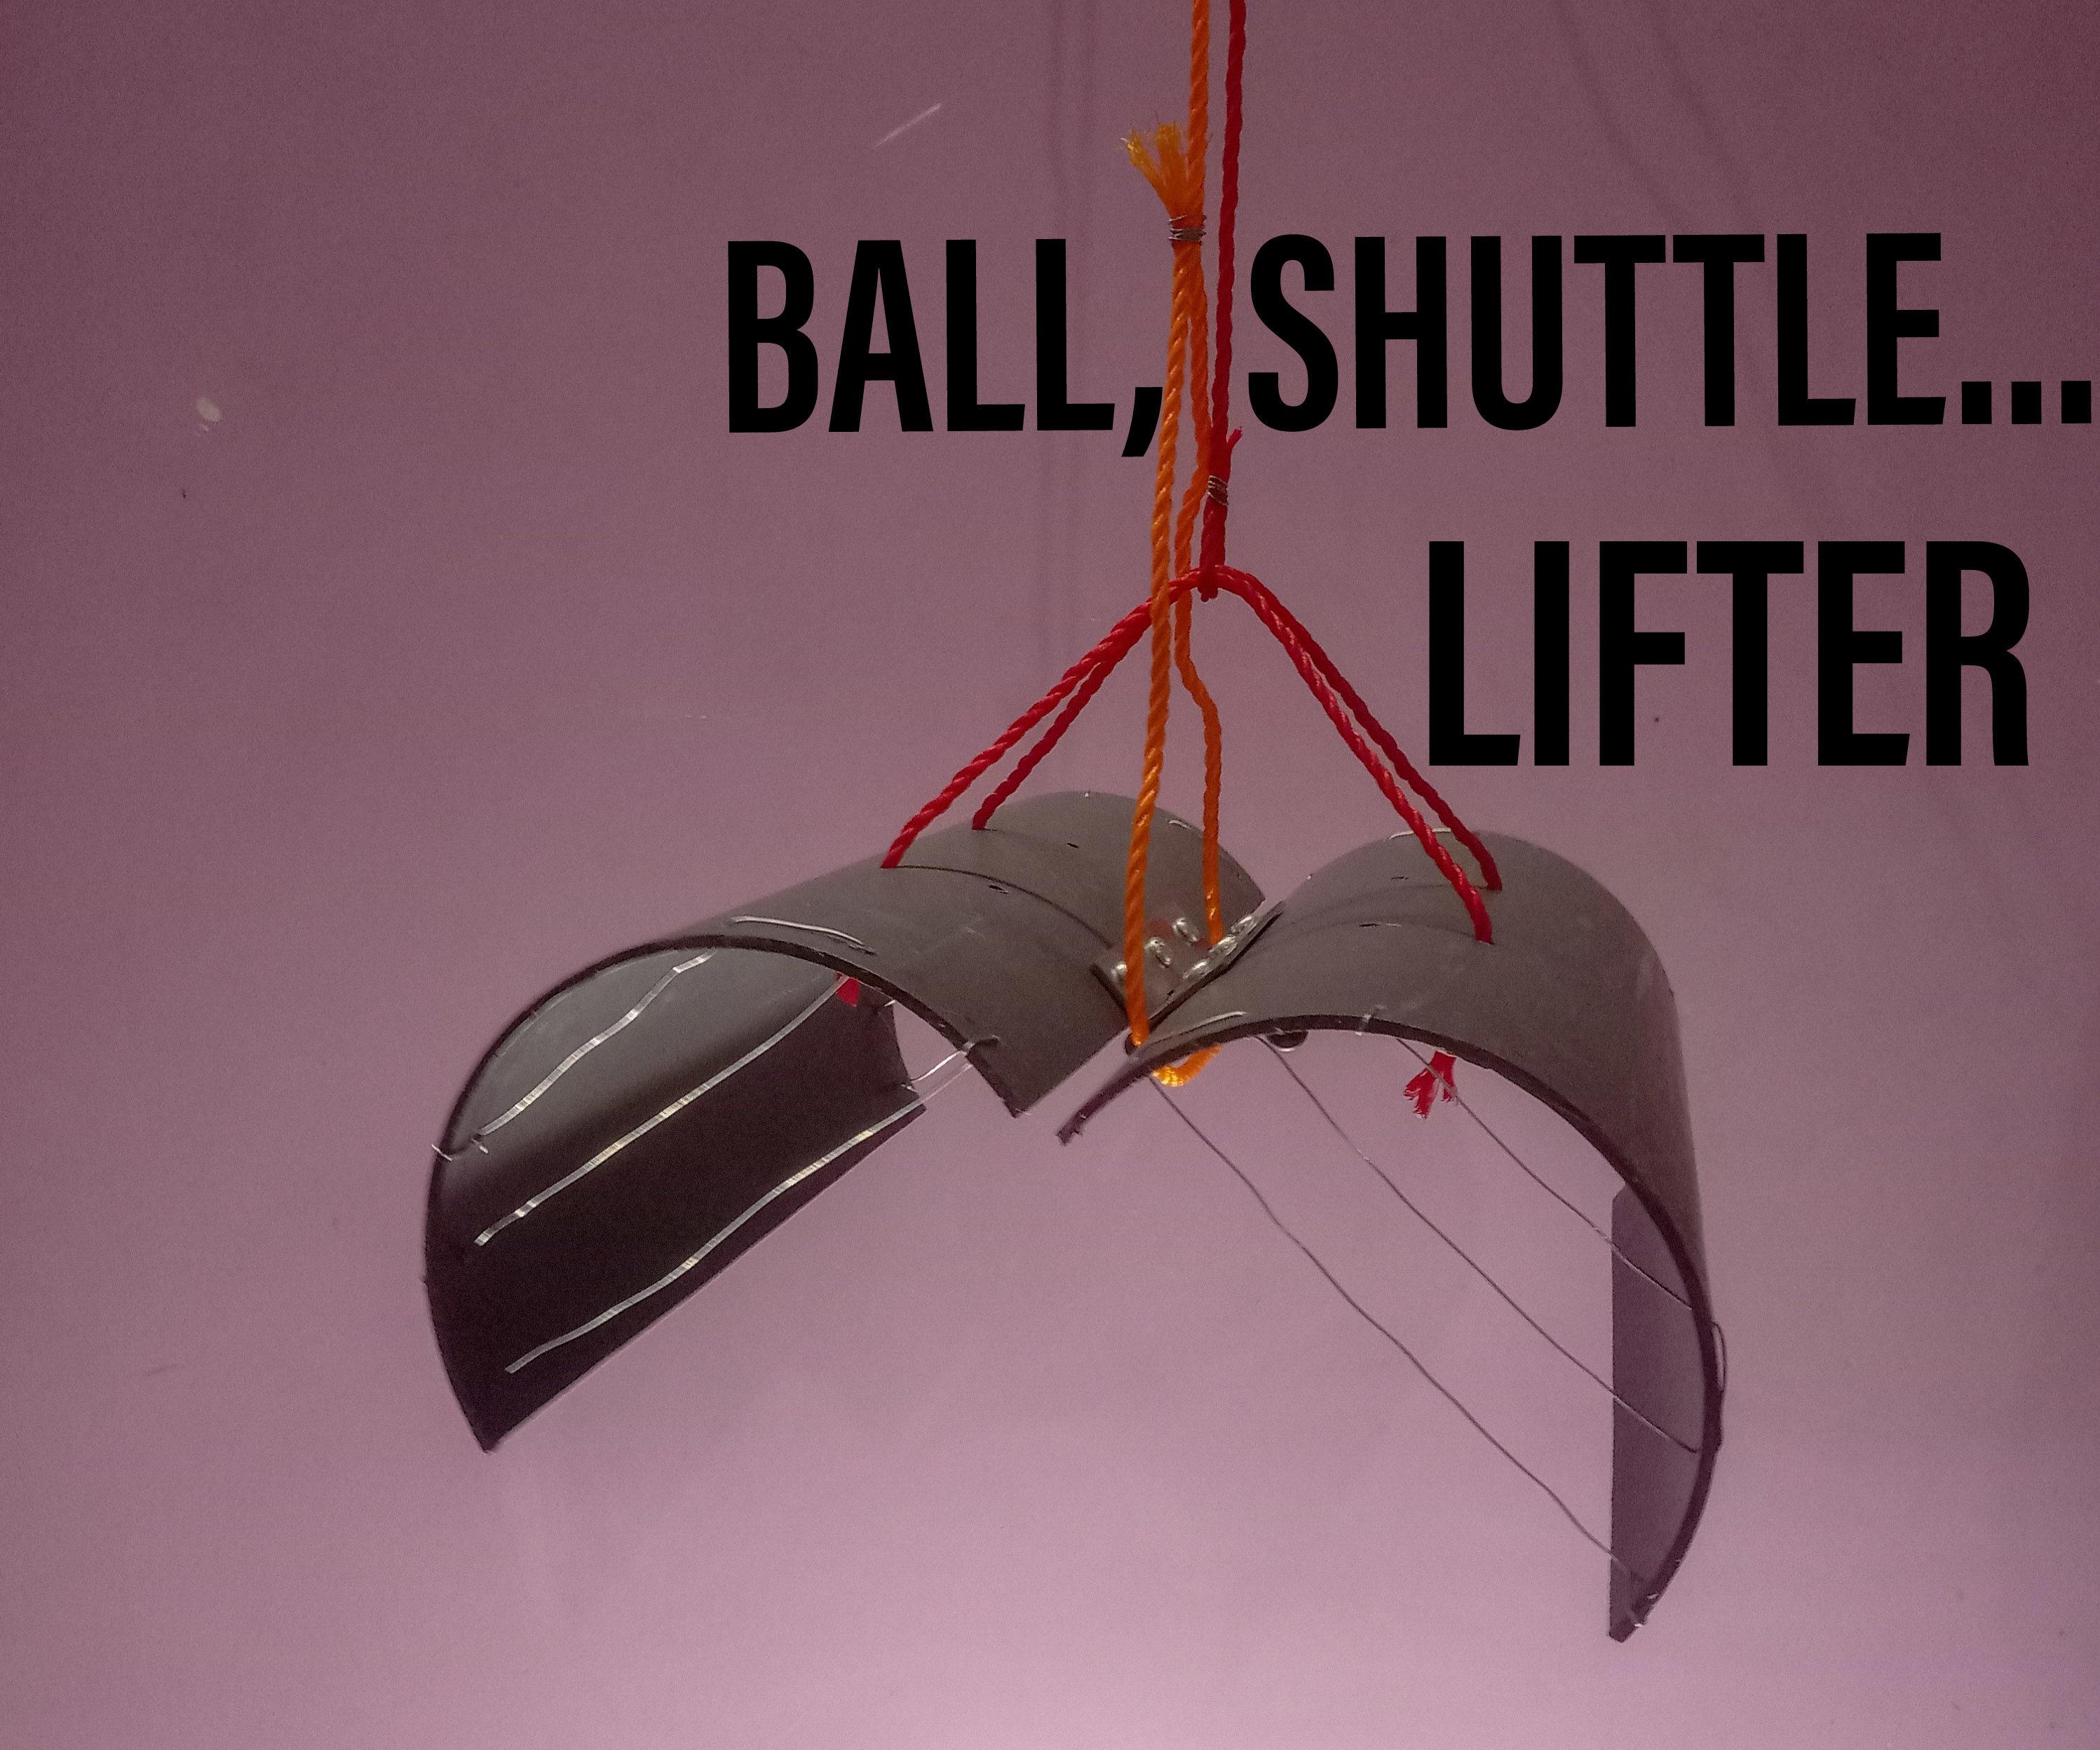 Lift Ball, Shuttle From Terrace